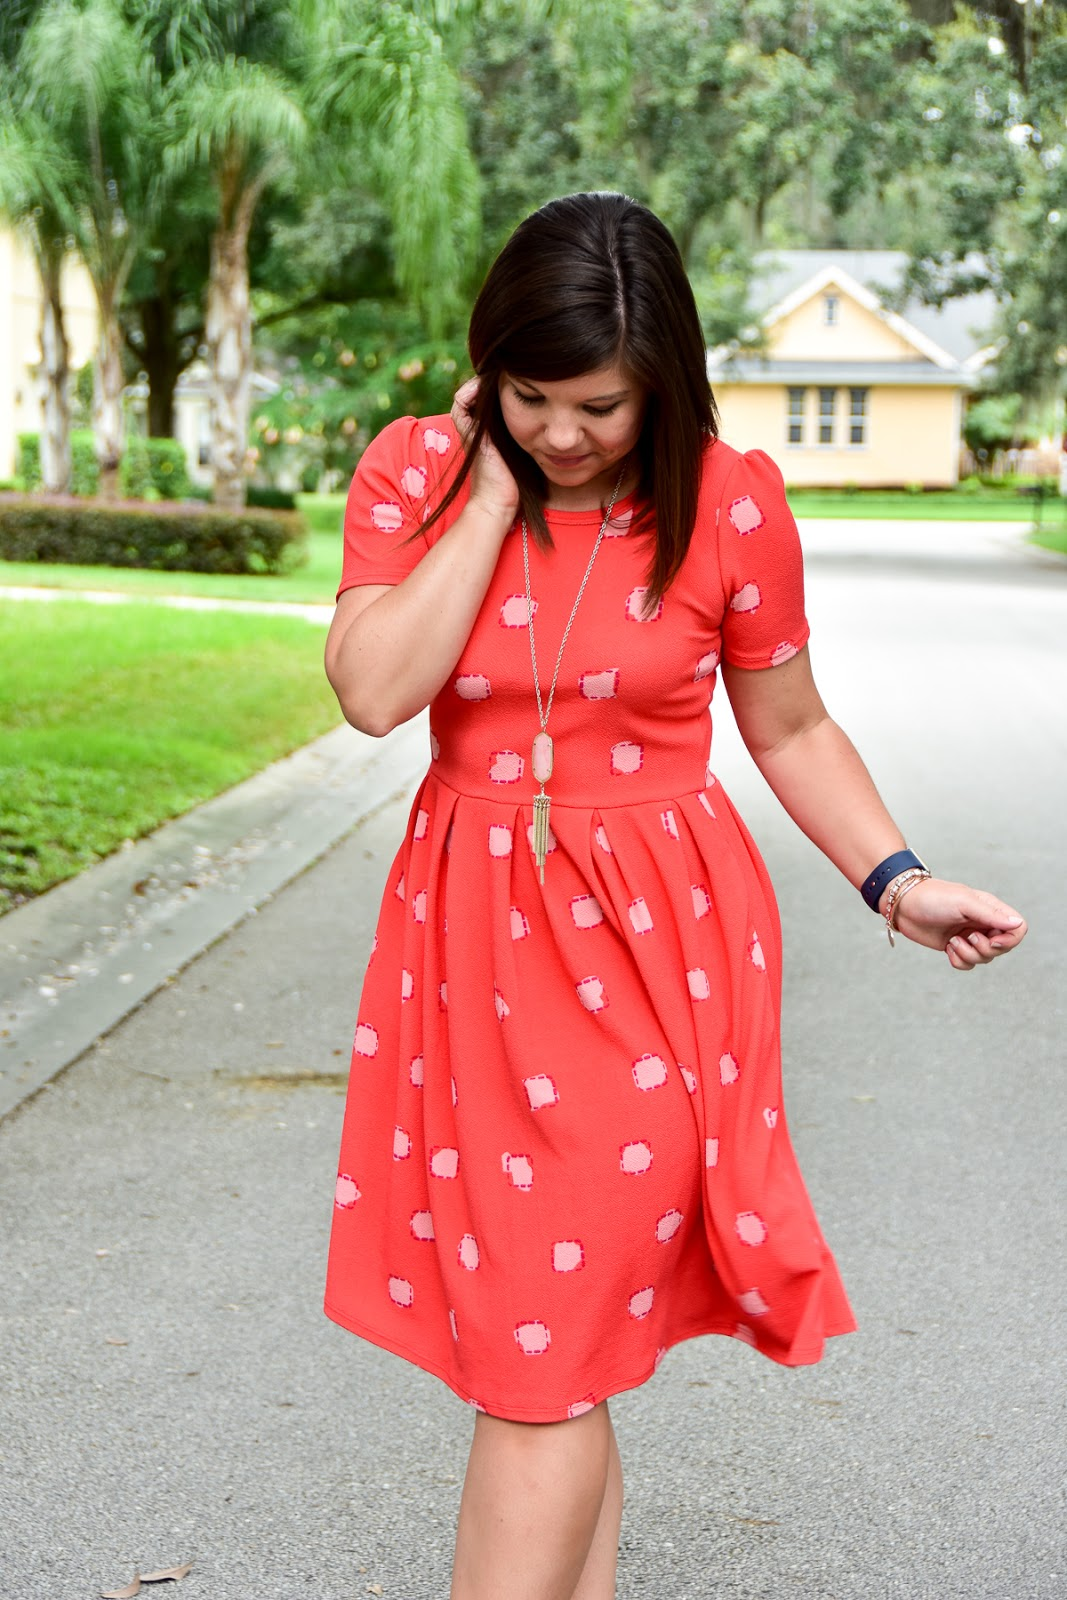 Workweek Chic Lularoe Amelia Dress Girl Meets Bow